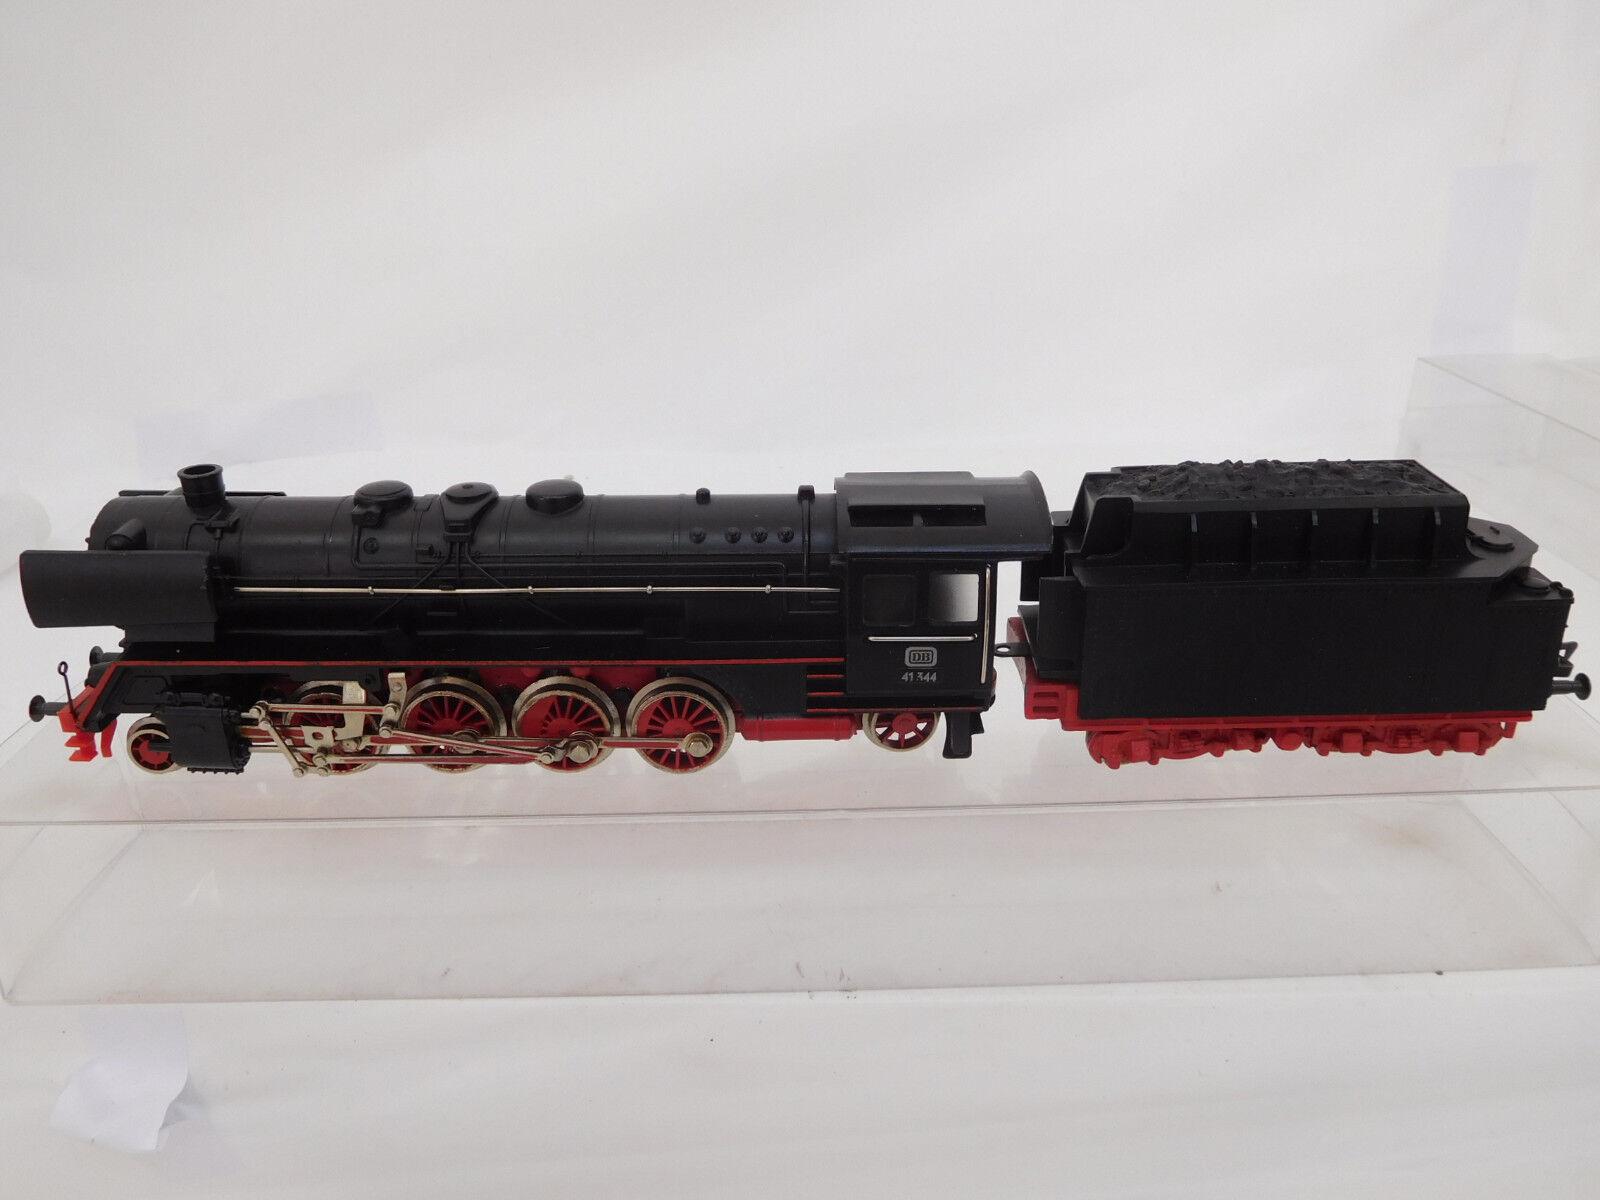 autentico en linea Eso-7401 Fleischmann h0 máquina de vapor DB 41 41 41 344, función, han comprobado  ¡No dudes! ¡Compra ahora!